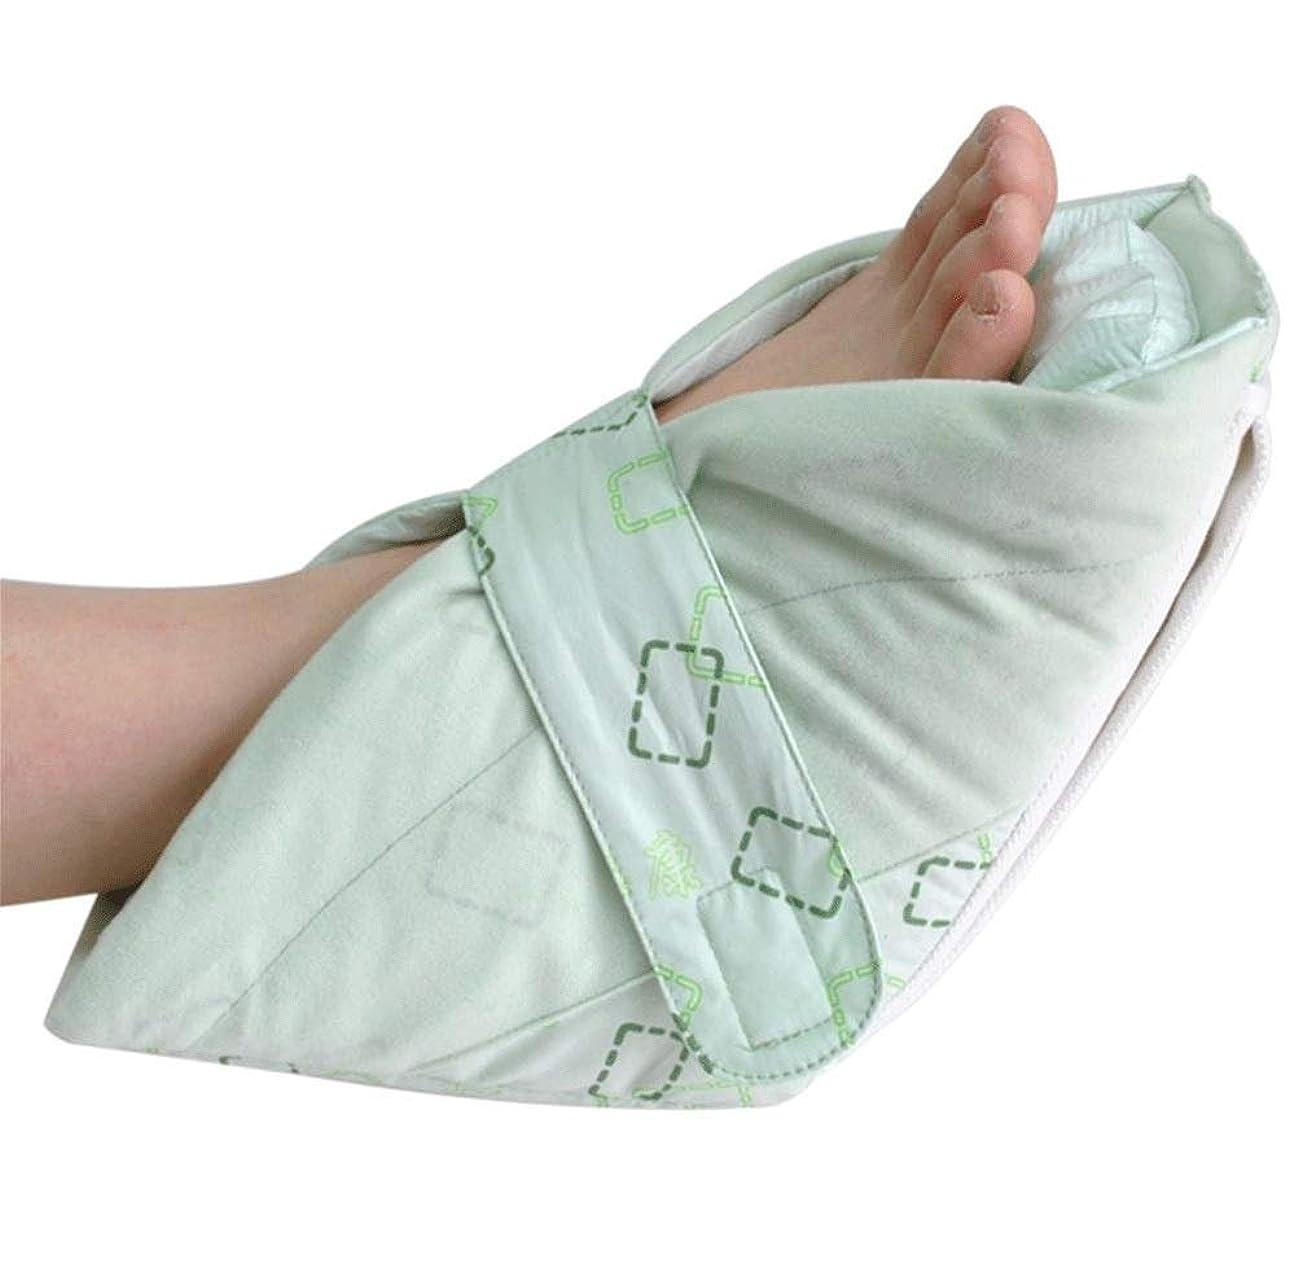 軽減するピボットシーサイドヒールプロテクター枕、プレミアム圧力軽減フット補正カバー、極細コットン生地、インナークッションは分離可能、グリーン、1ペア